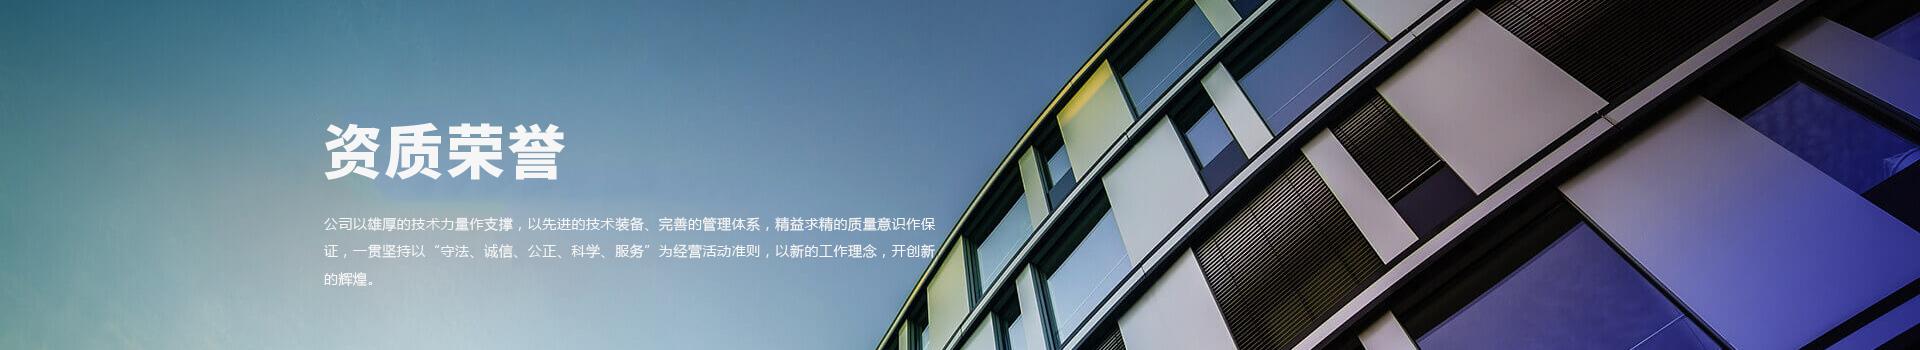 贵州众志建设监理有限责任公司